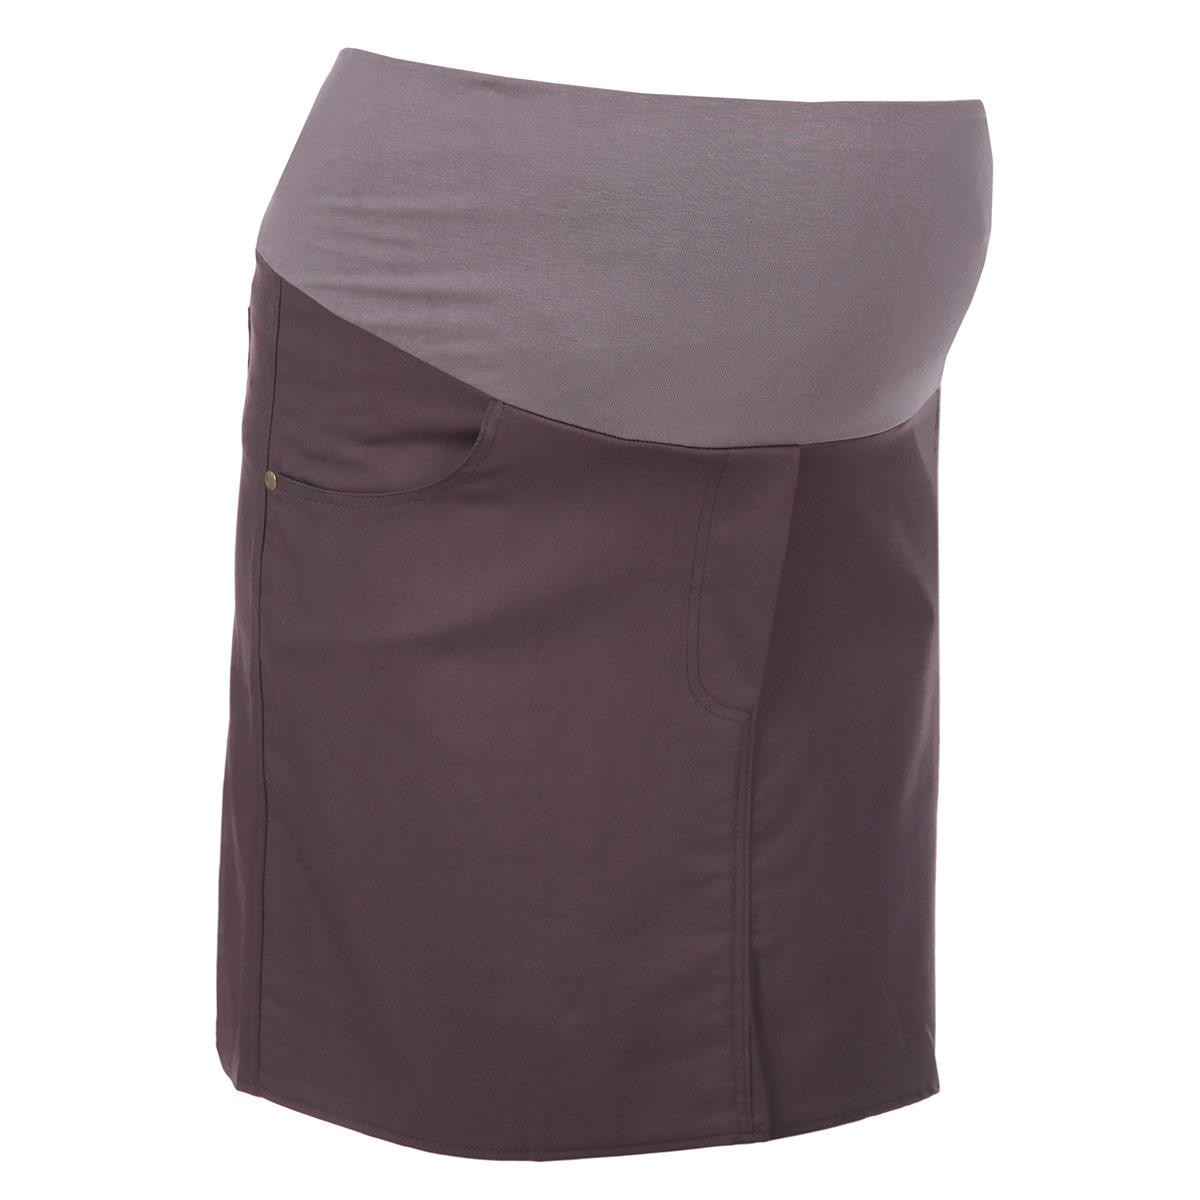 Юбка для беременных Nuova Vita, цвет: серо-фиолетовый. 6107.4. Размер 446107.4Стильная и удобная юбка для беременных Nuova Vita станет отличным дополнением вашего летнего гардероба и подчеркнет очарование будущей мамы.Юбка-миди выполнена из высококачественного материала, она невероятно мягкая и приятная на ощупь. Модель оснащена высоким удобным бандажом, дополнительно поддерживающим живот. Юбка дополнена двумя втачными карманами спереди и двумя накладными карманами сзади, а также оформлена имитацией ширинки.Юбка выполнена из вискозы с добавлением полиэстера и эластана. Вискоза является волокном, произведенным из натурального материала - целлюлозы (древесины). Иногда ее называют древесный шелк. Эта ткань на ощупь мягкая и приятная, образует красивые складки. Материал очень хорошо впитывает влагу, не образует катышек со временем, не выцветает на солнце и обладает приятным шелковистым блеском.